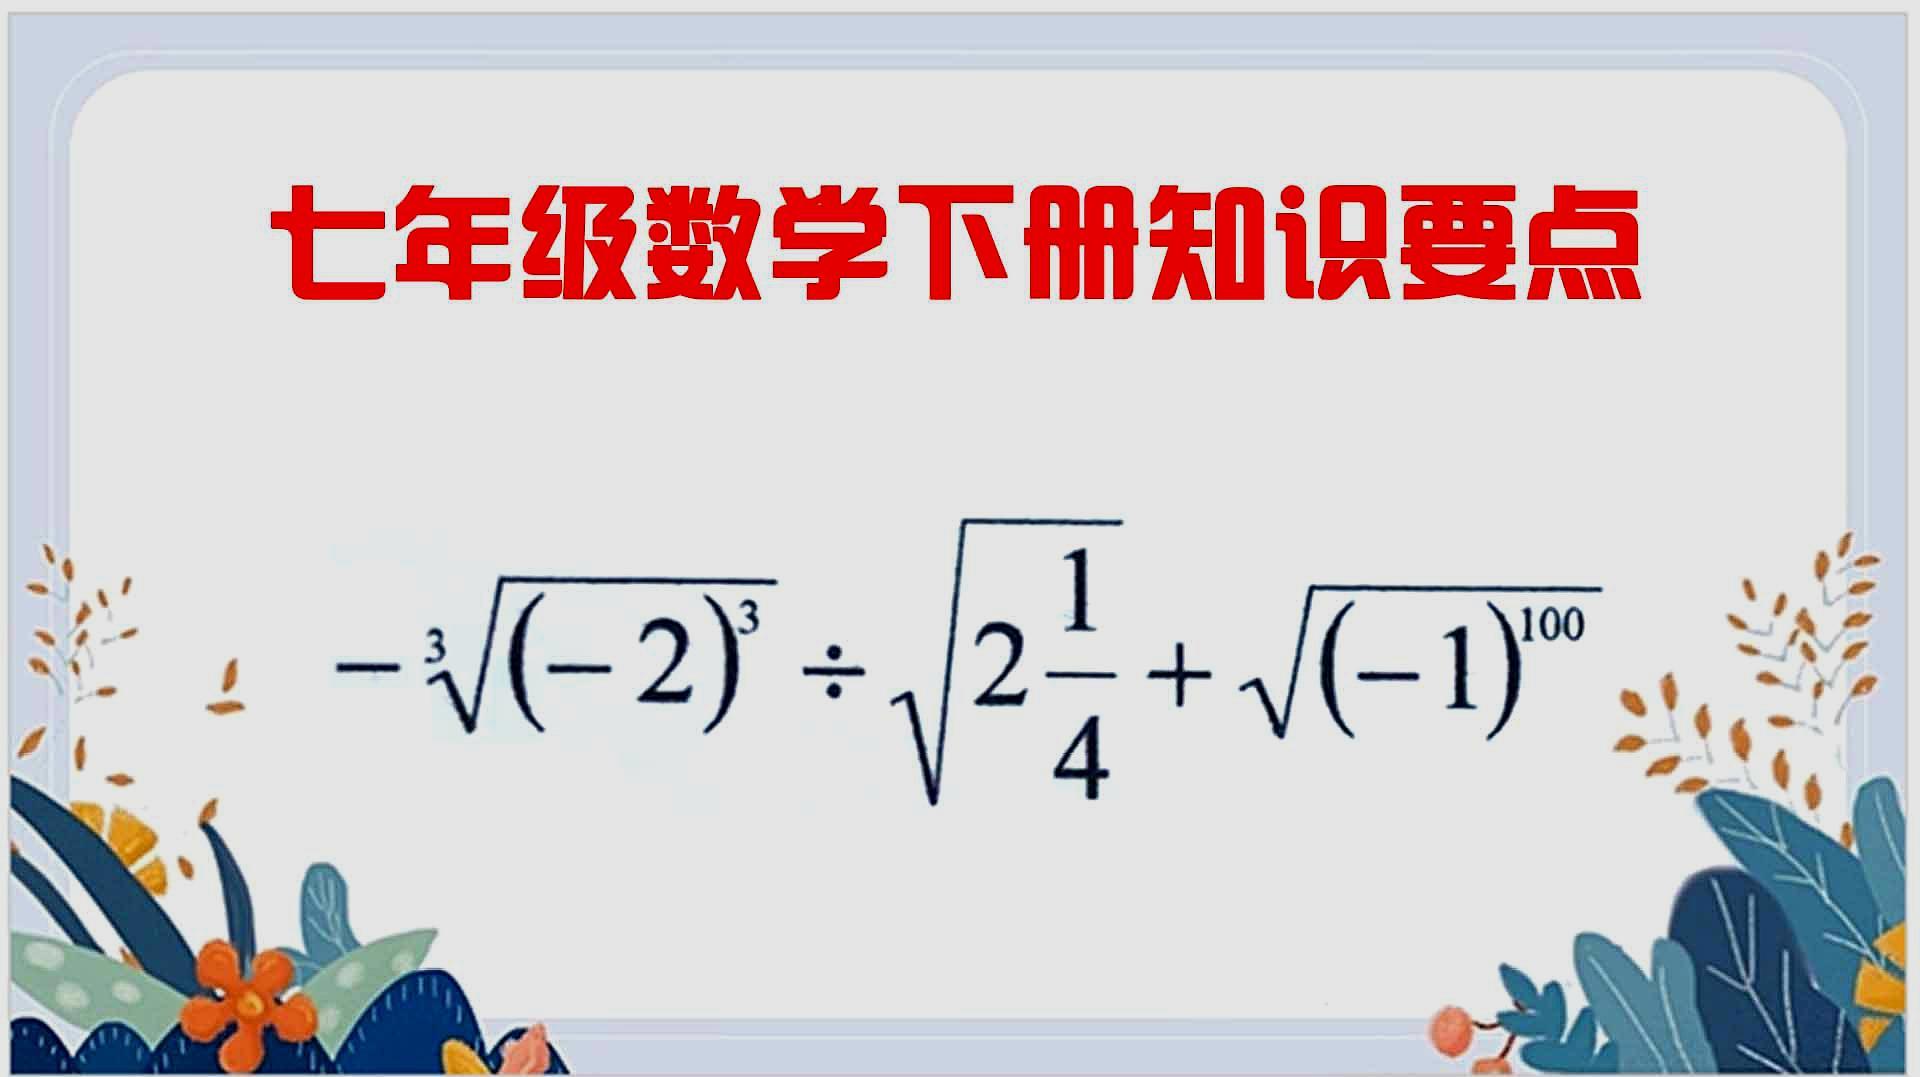 七年级数学知识要点:立方根计算题,学霸请挑战一下